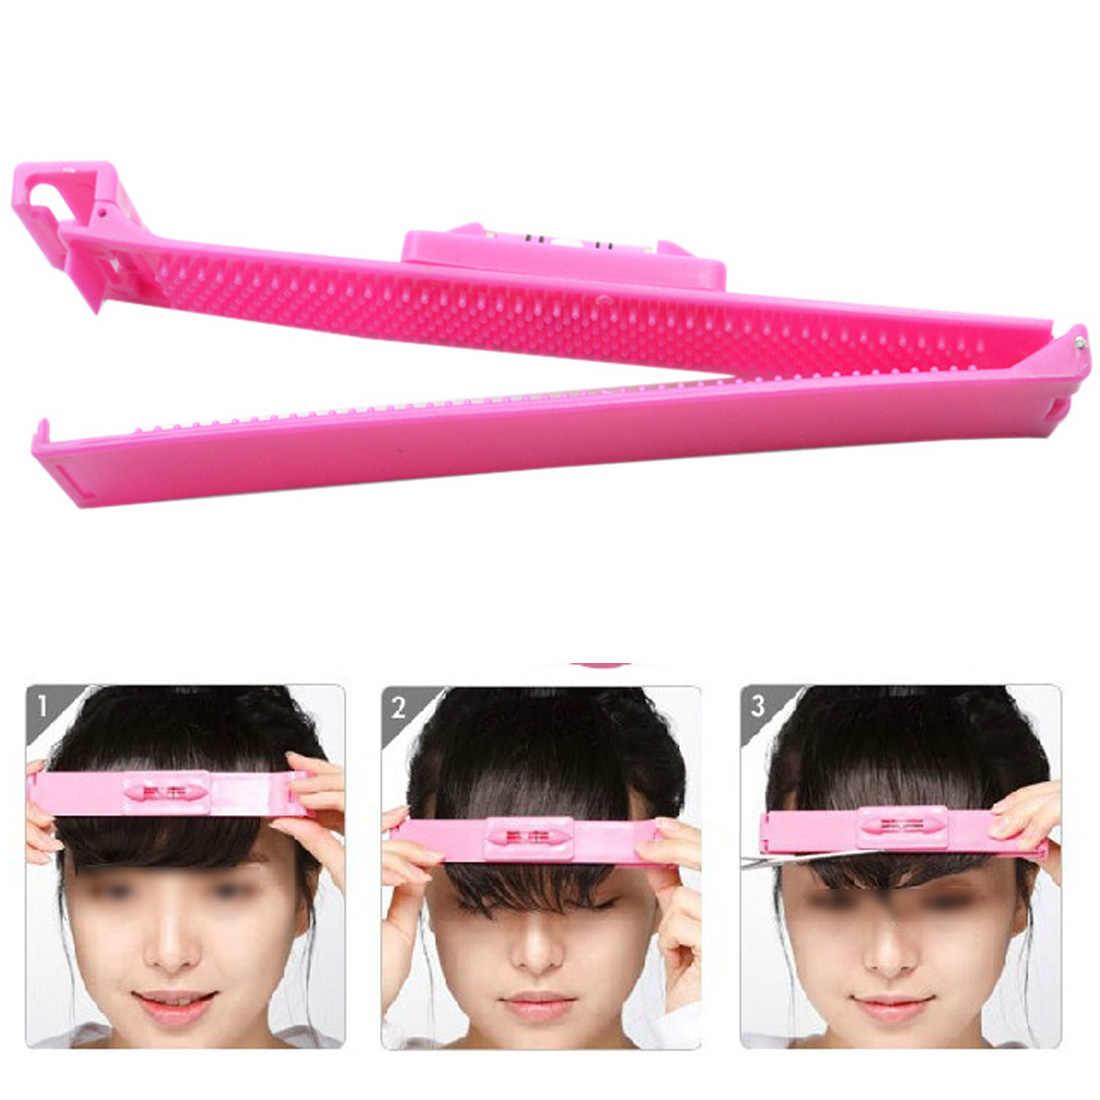 Alın saç düzeltici saçak kesme aracı saç ayarlamak seviye cetvel saç kesme aksesuarları DIY kırpma patlama aracı için kız/ kadın